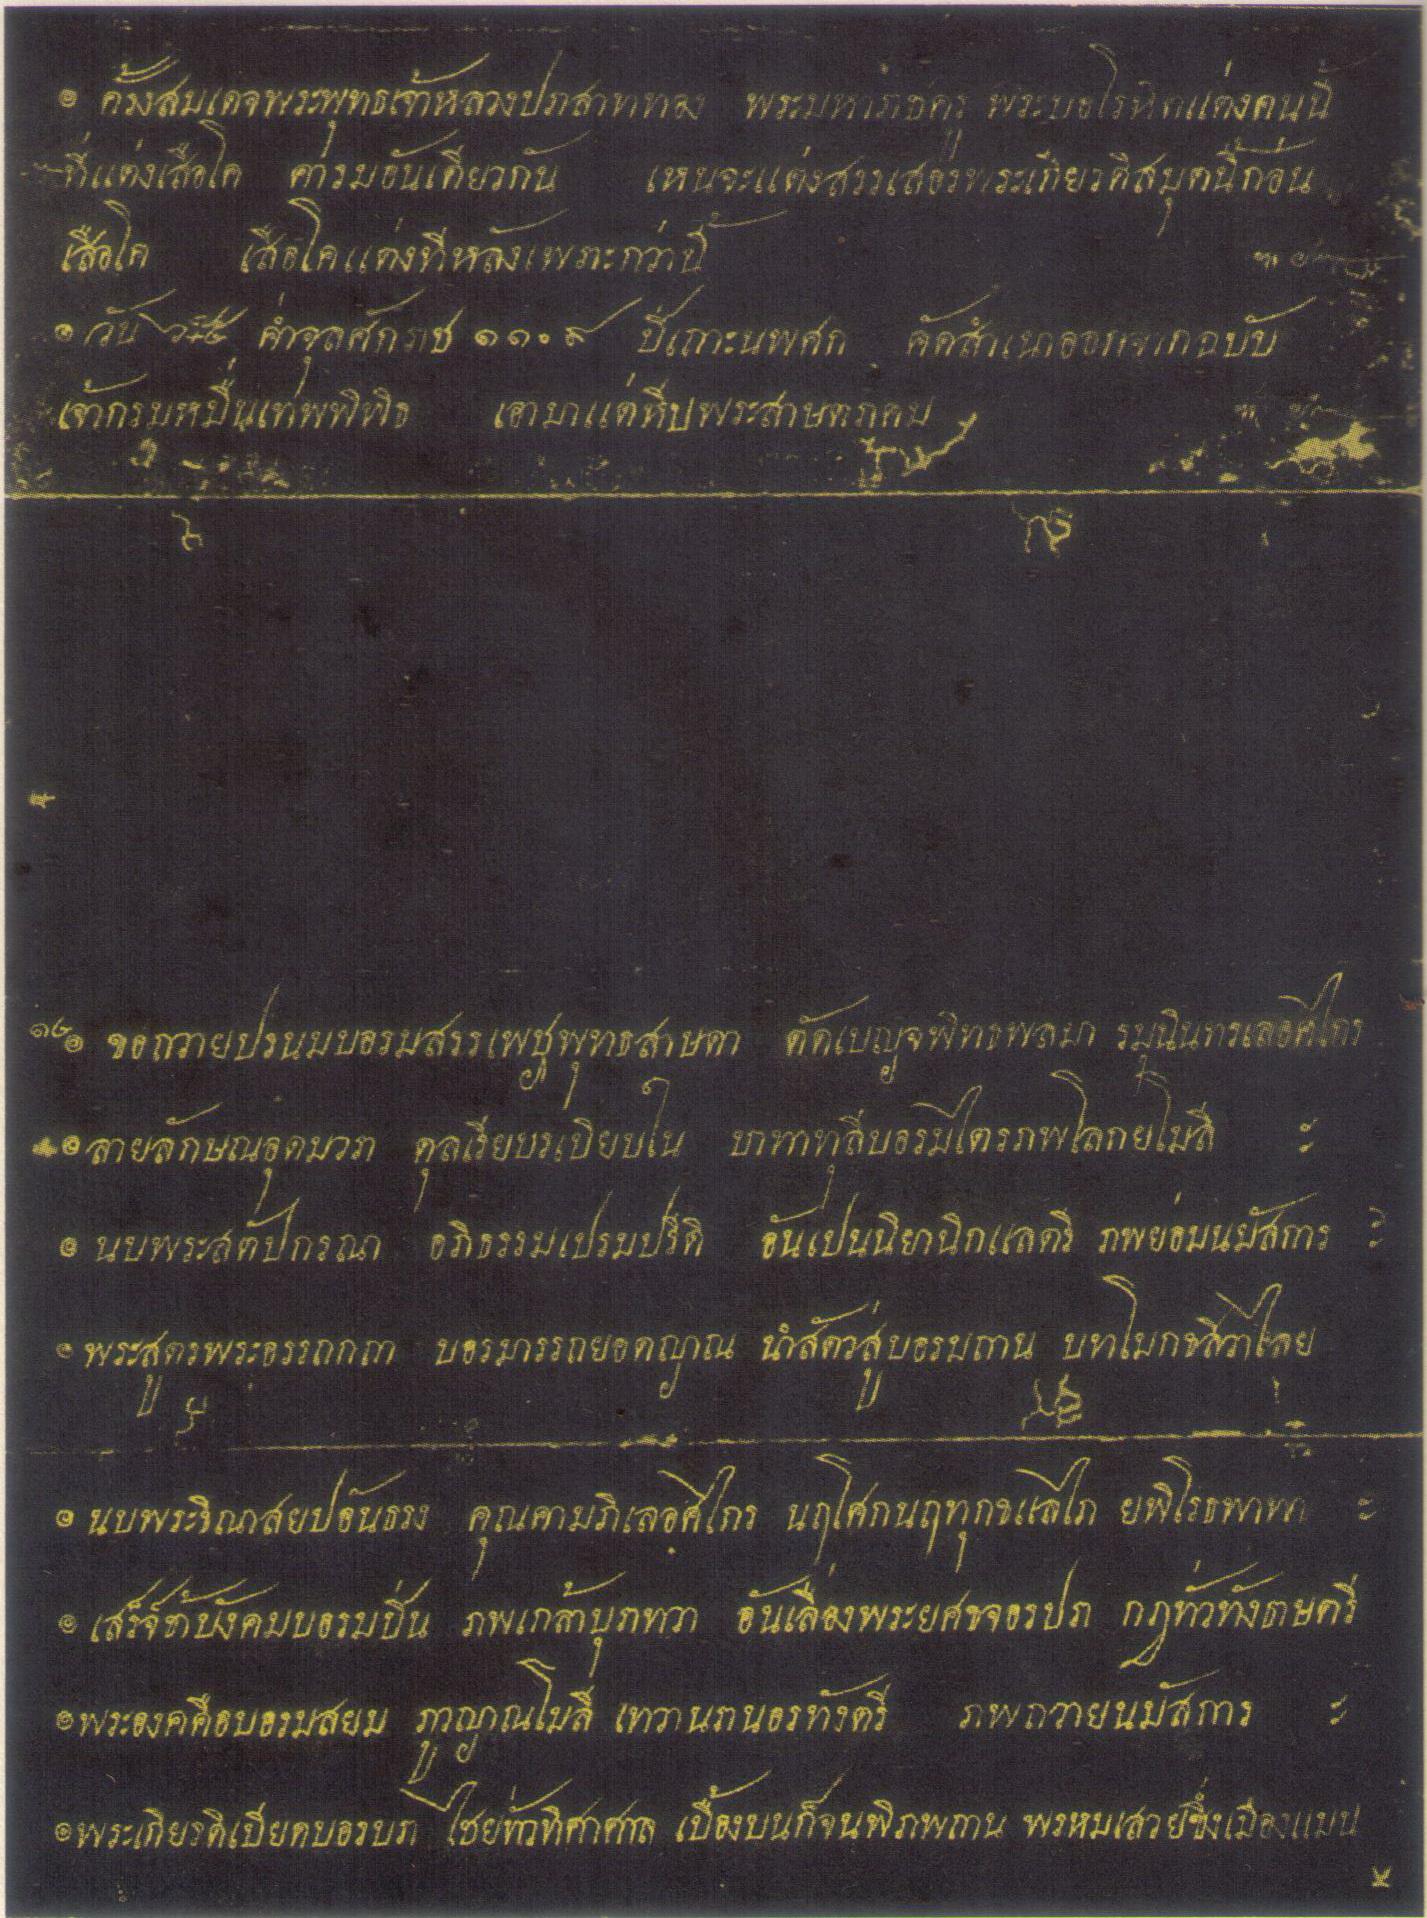 สมุดไทยดำ_เส้นหรดาล